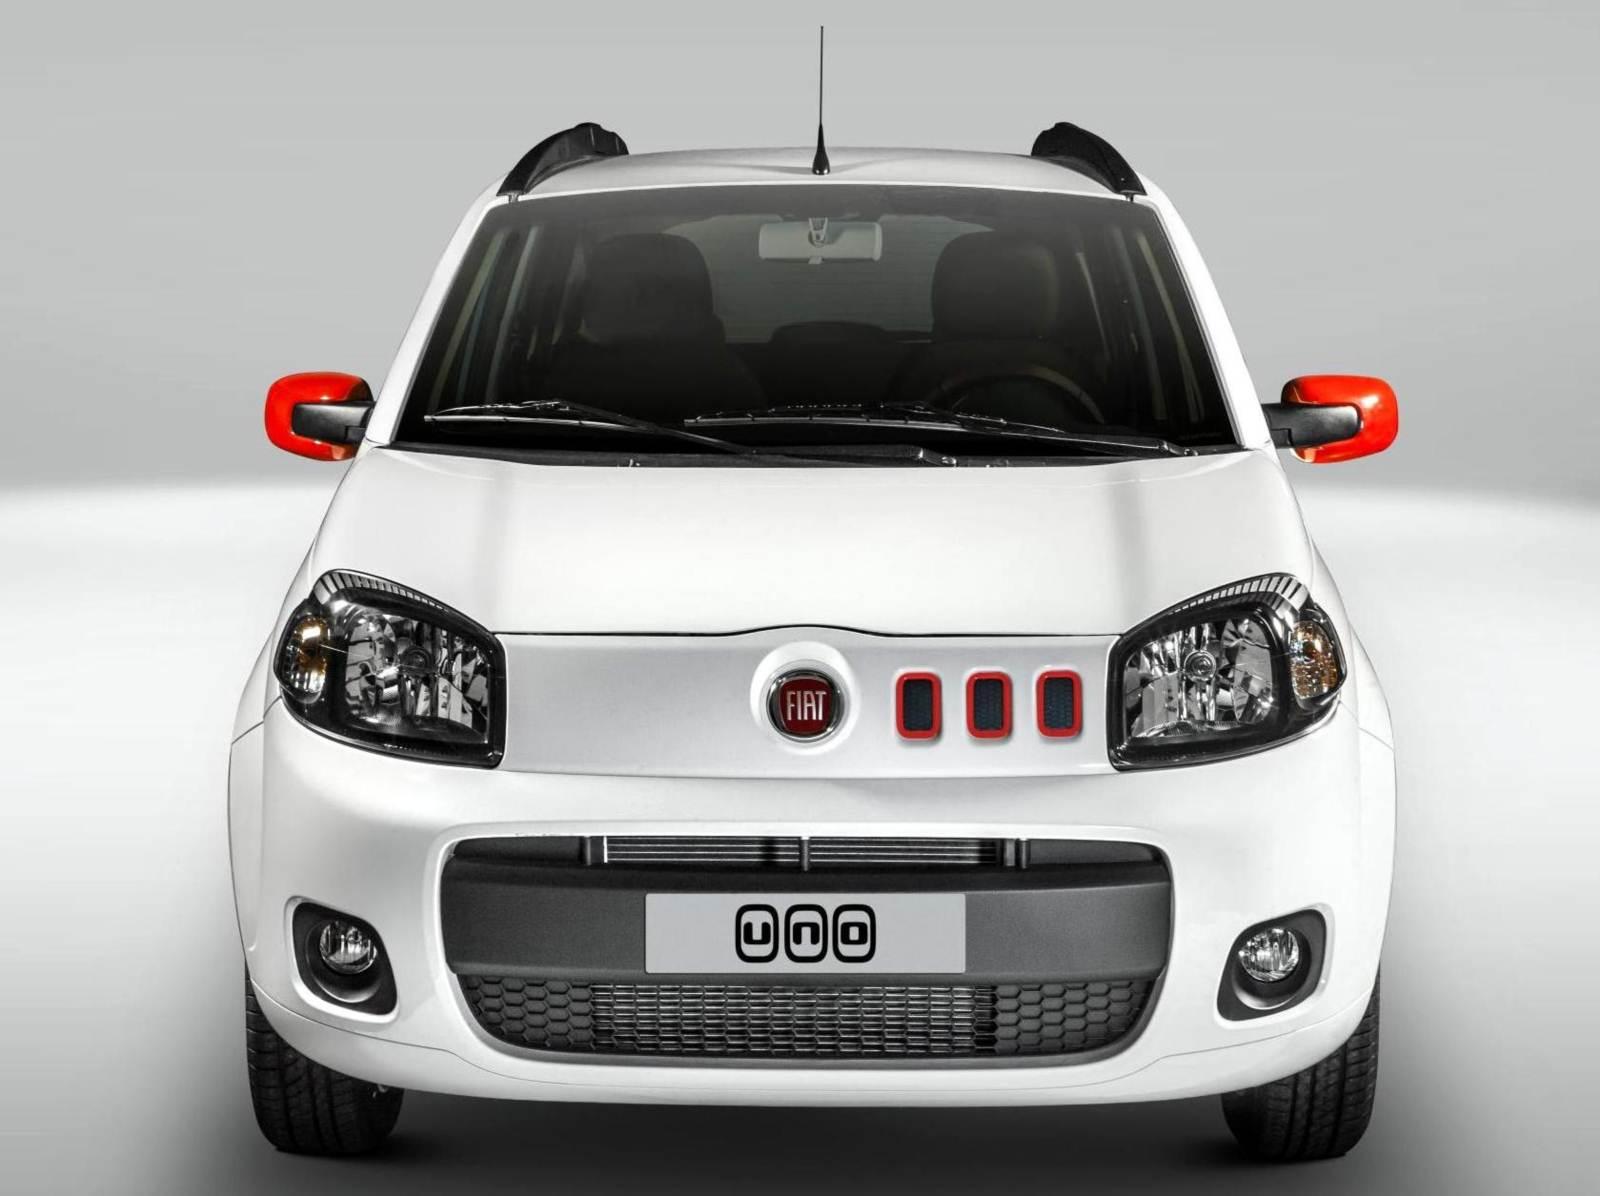 Novo Fiat Uno 2014 - fotos, preços e especificações